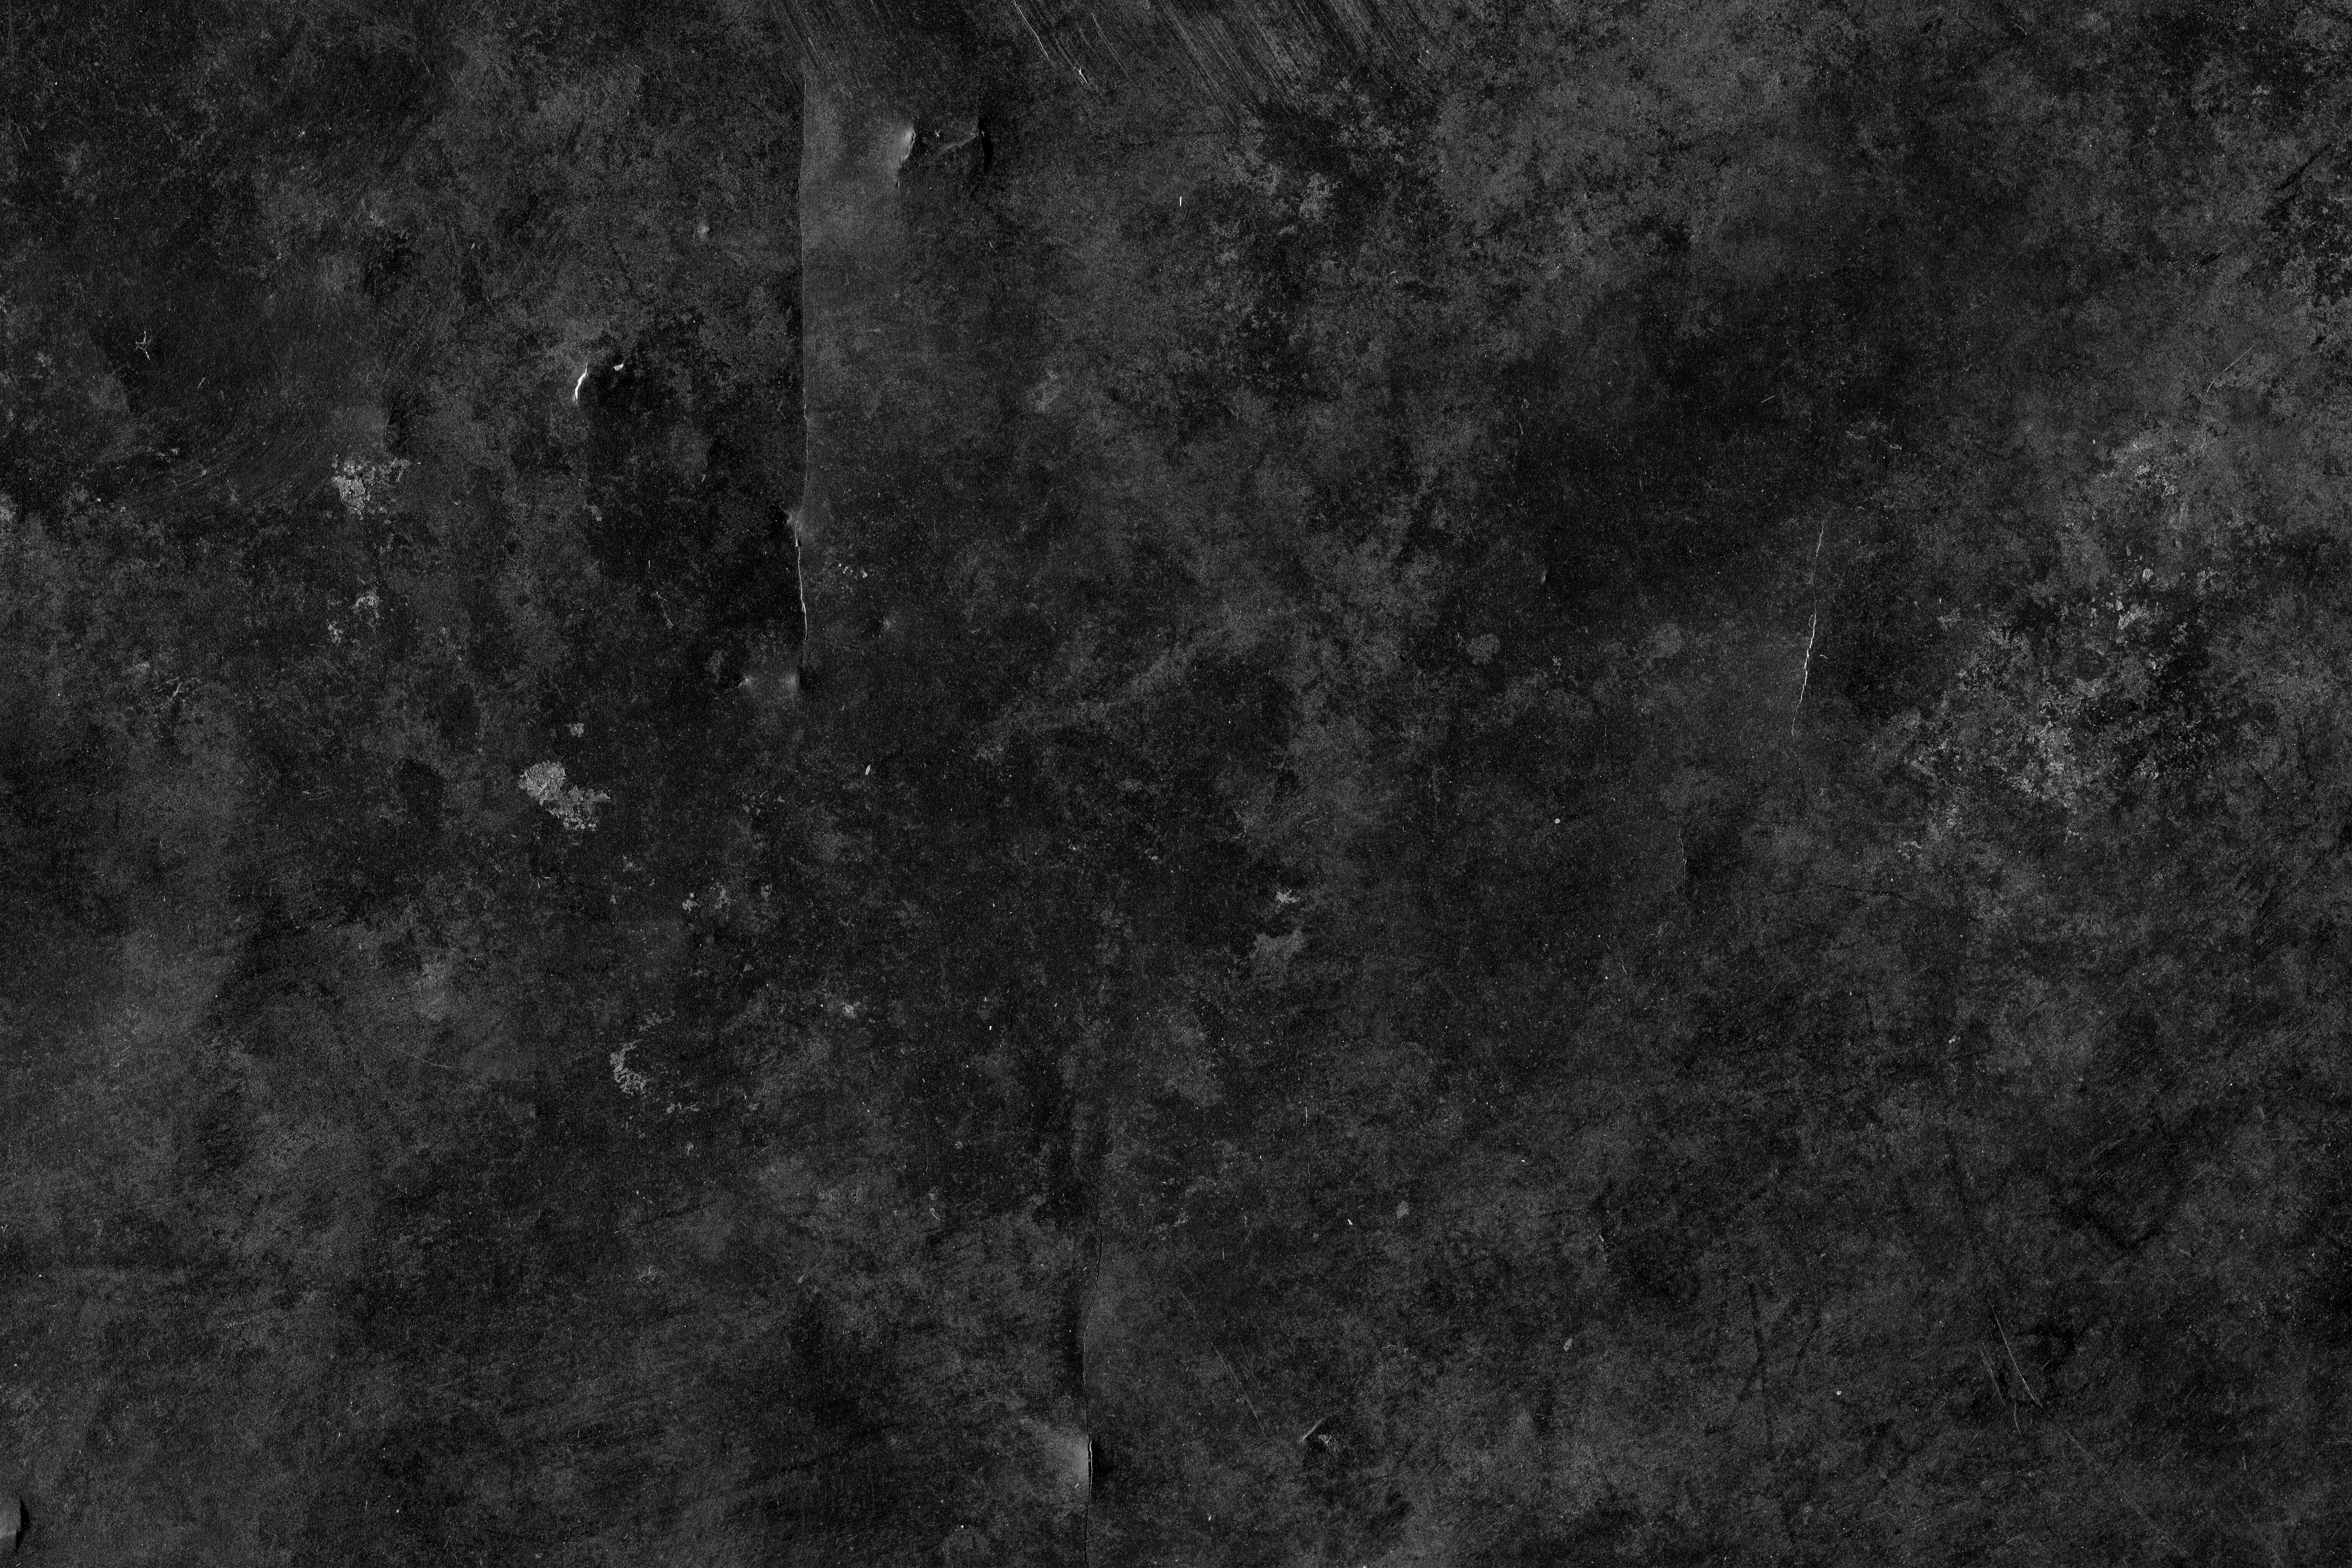 free dark grunge textures texture